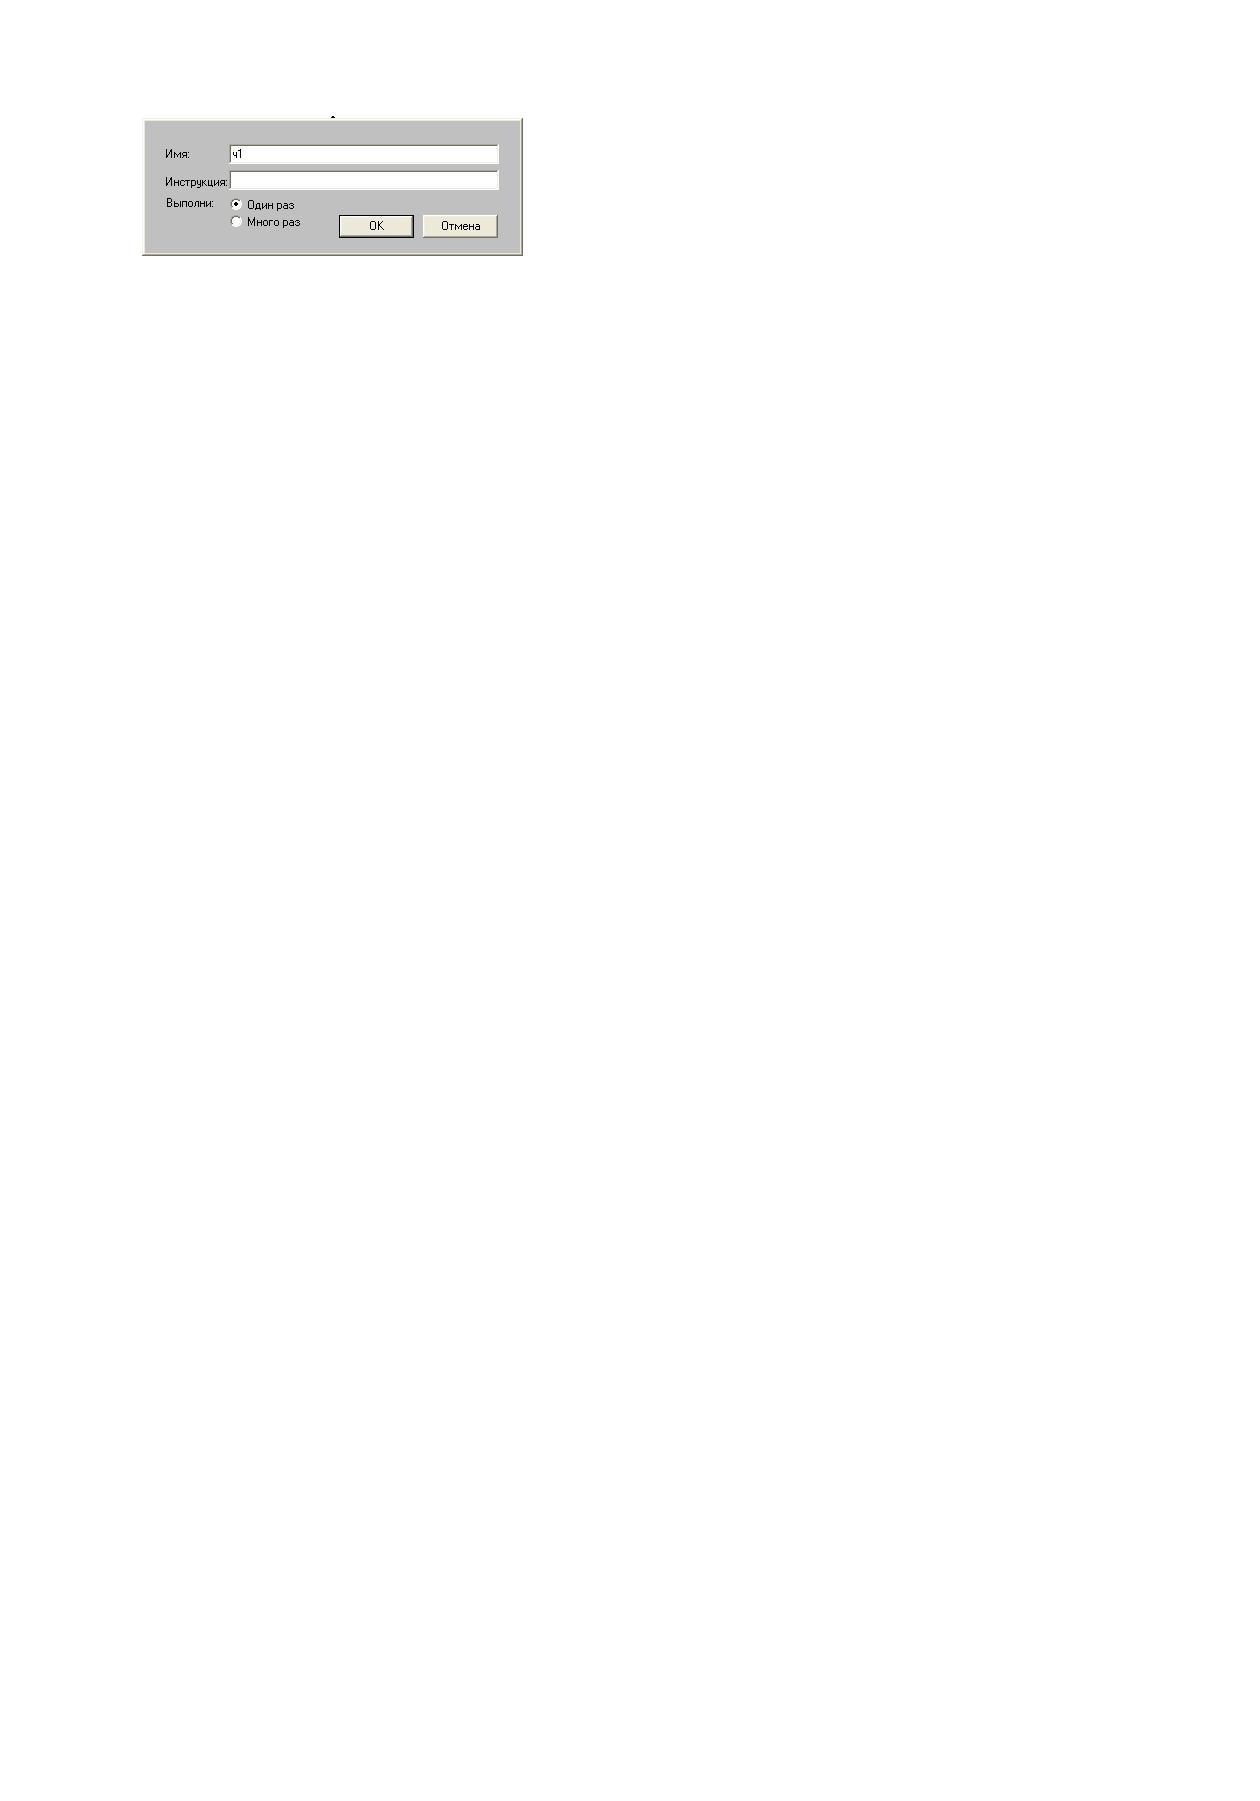 лого черепашка: